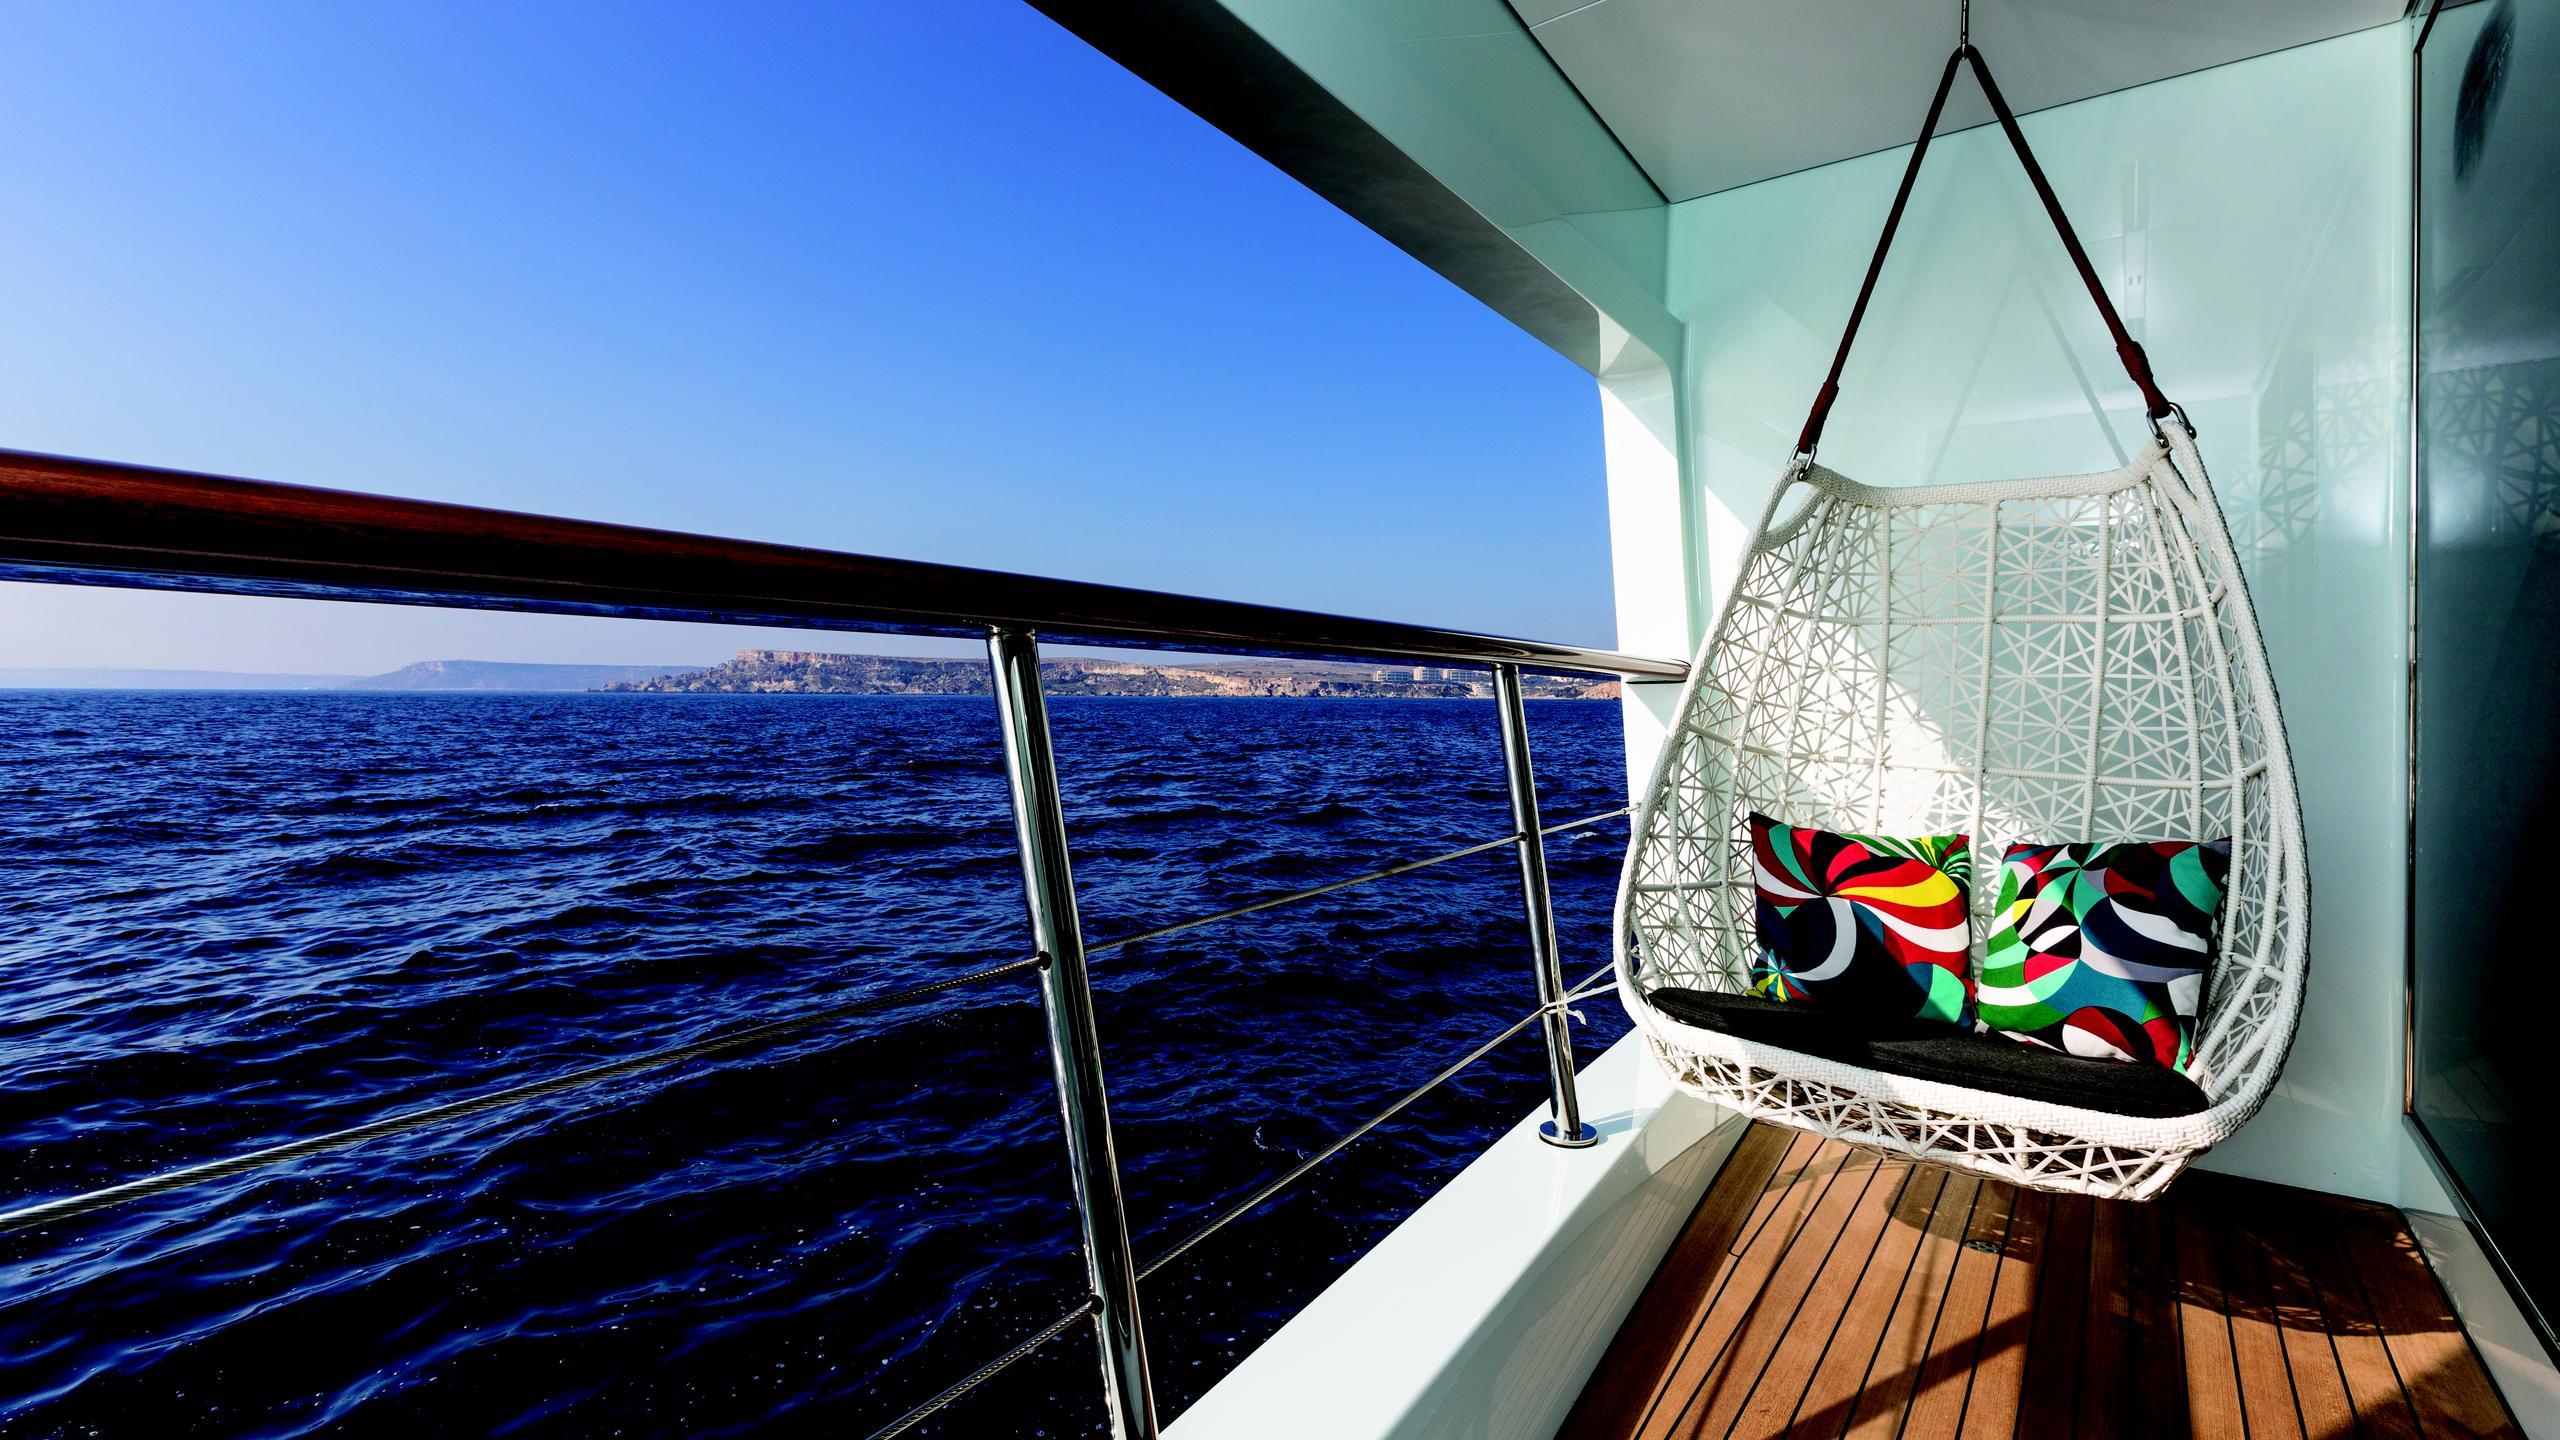 ocean-paradise-yacht-sidedeck